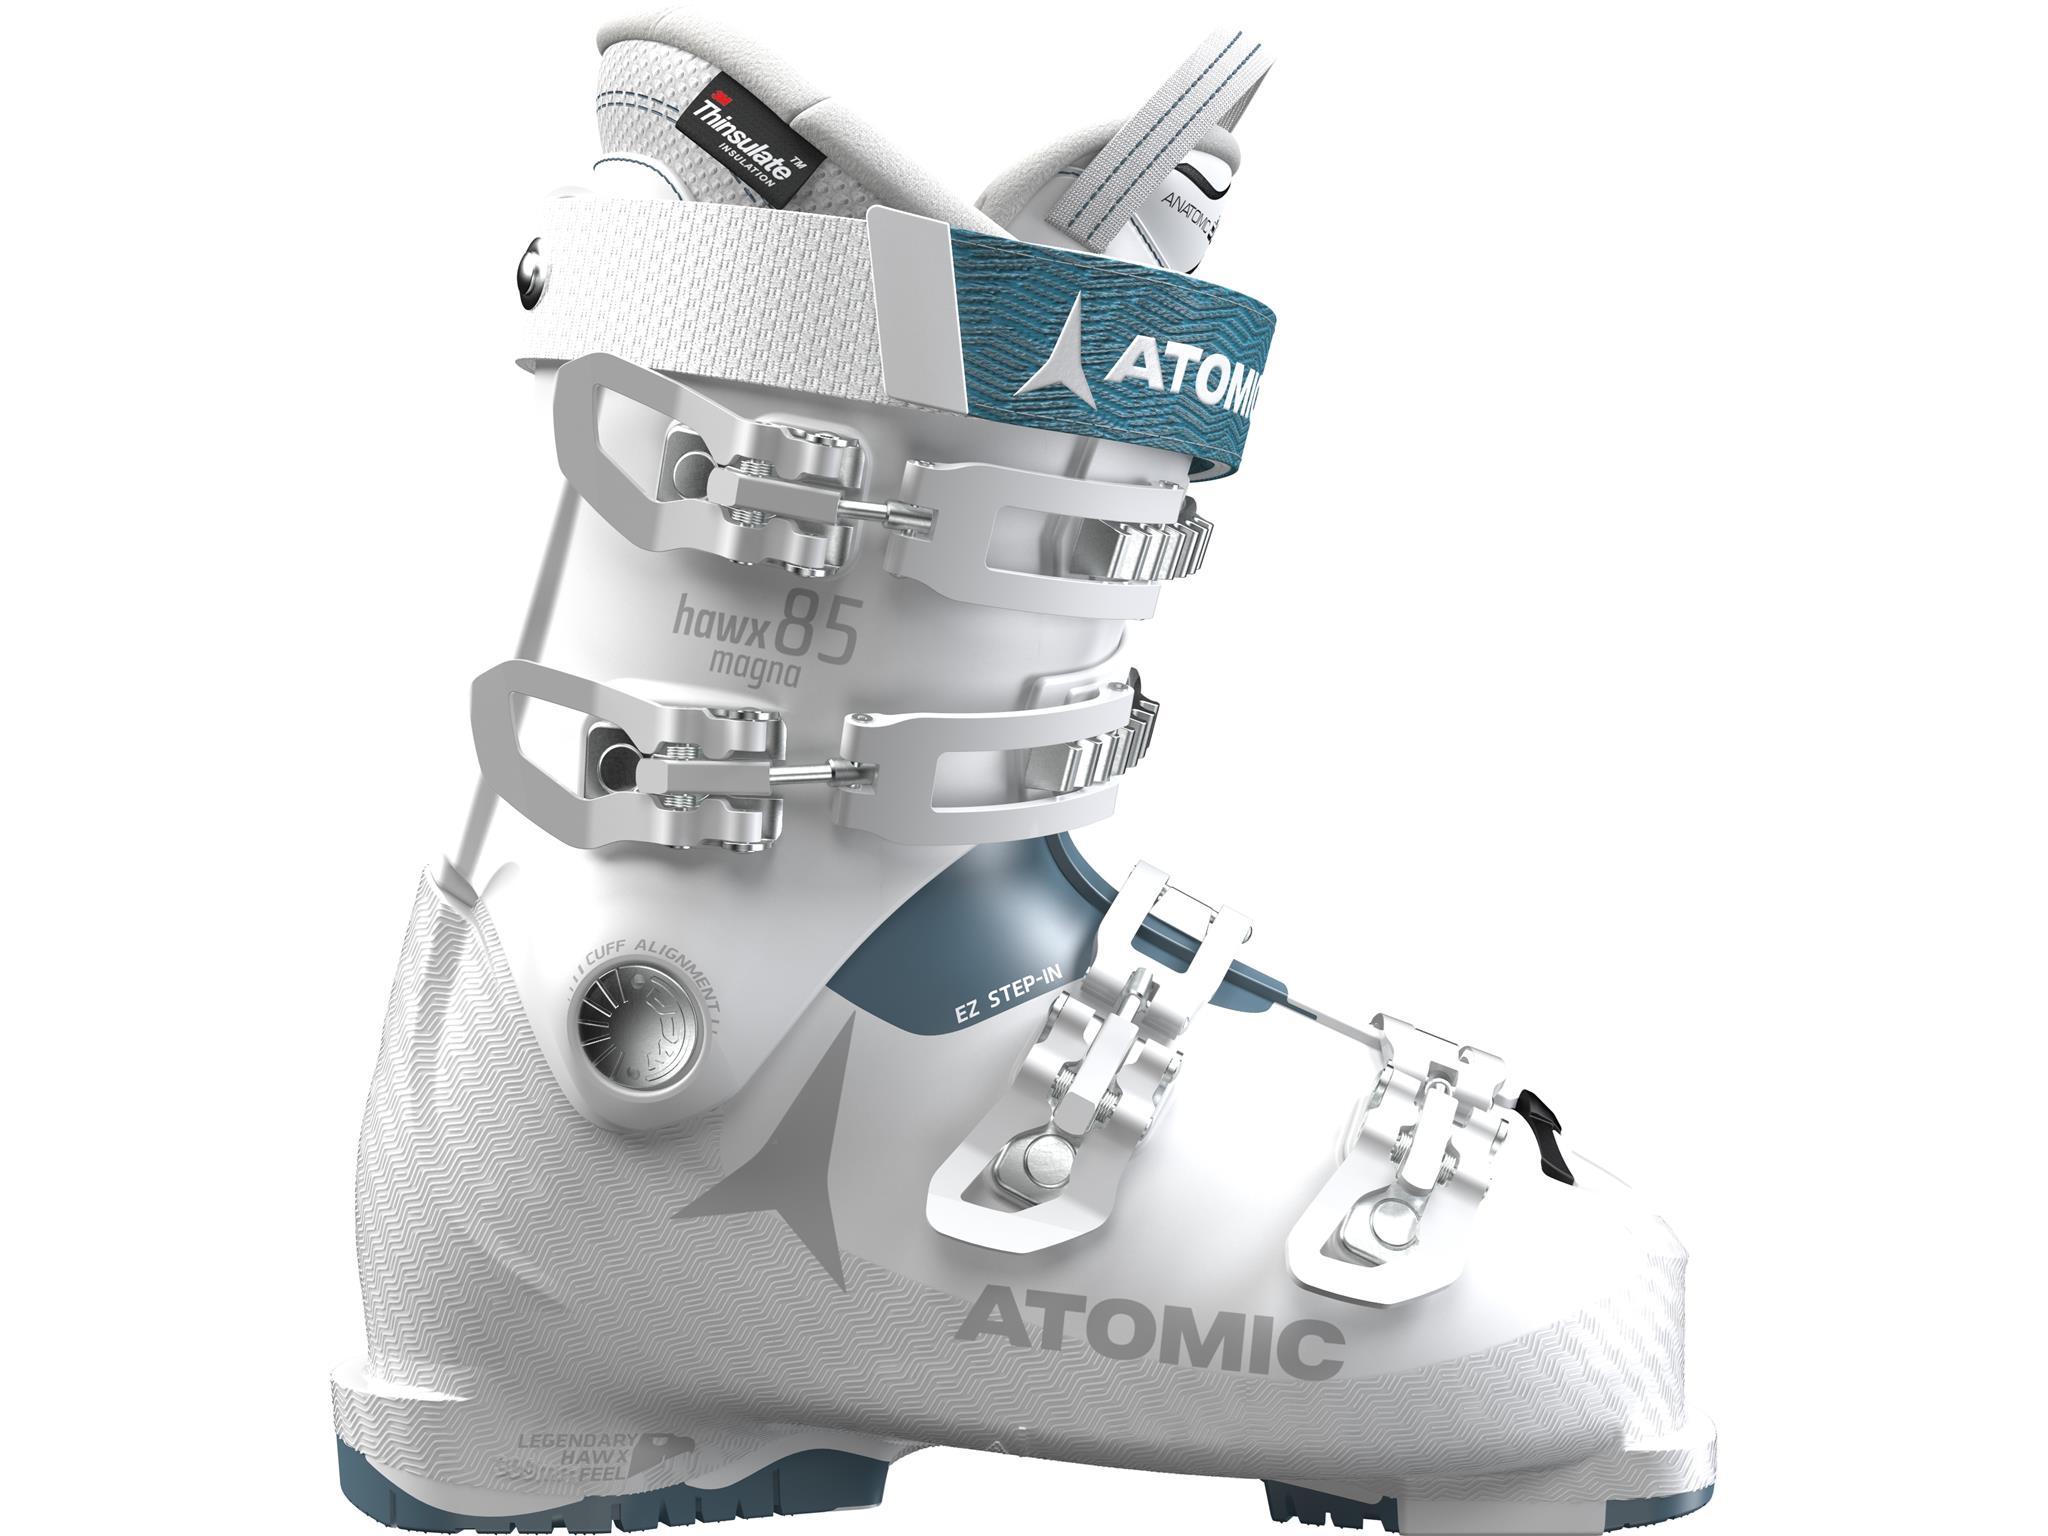 d515bdc3b Buty narciarskie Atomic Hawx Magna 85 W - Sklep internetowy ...